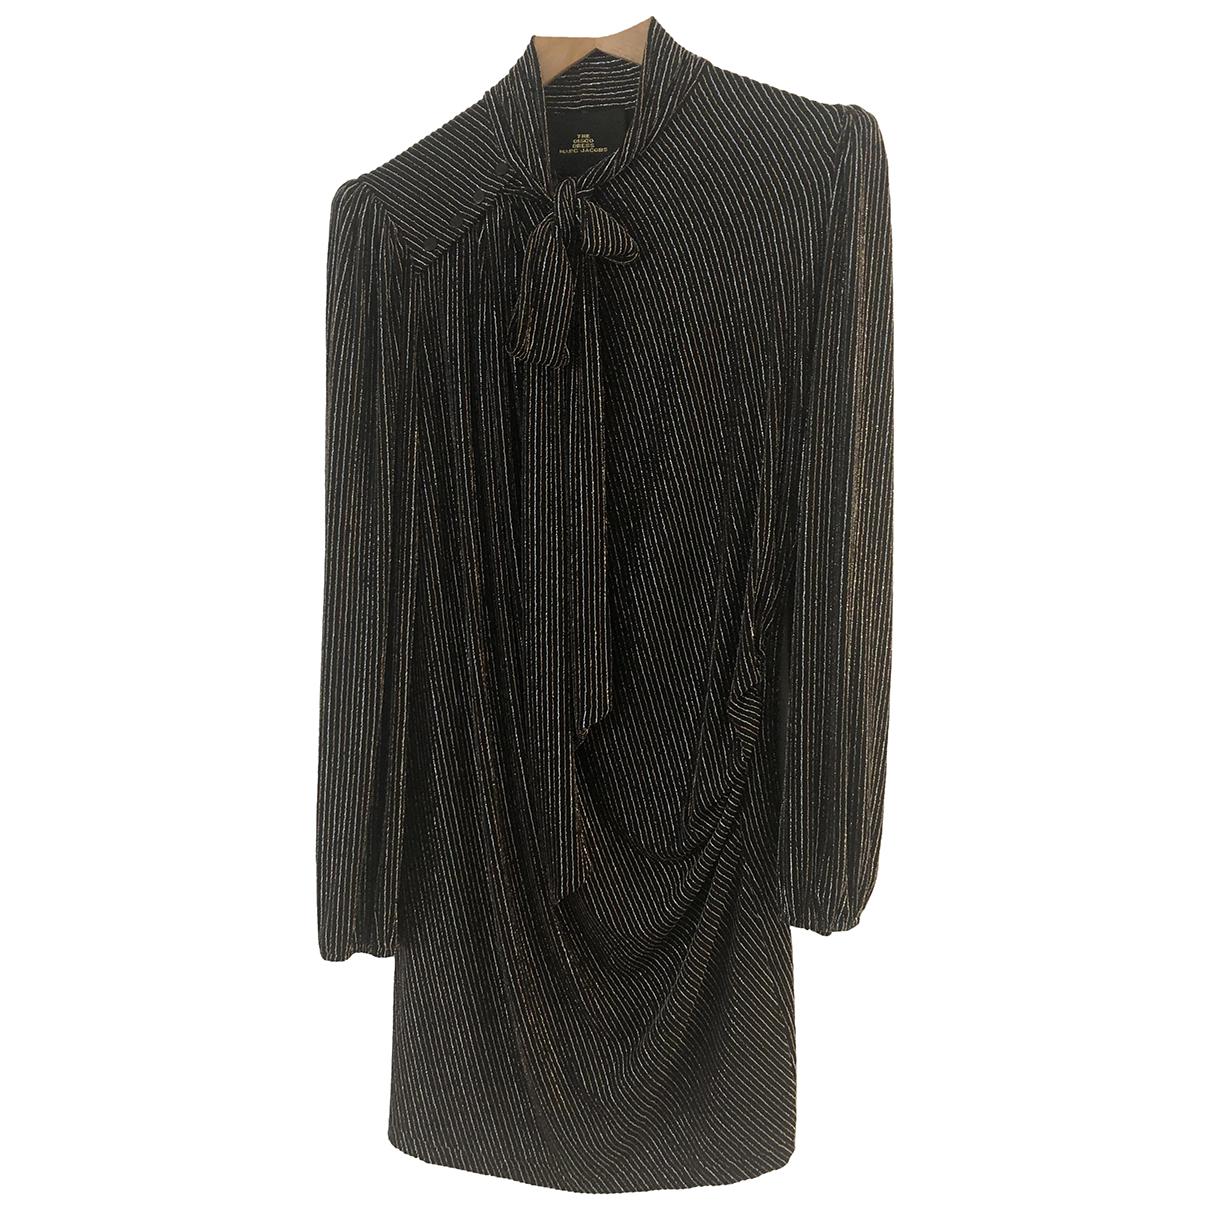 Marc Jacobs \N Kleid in  Metallic Mit Pailletten